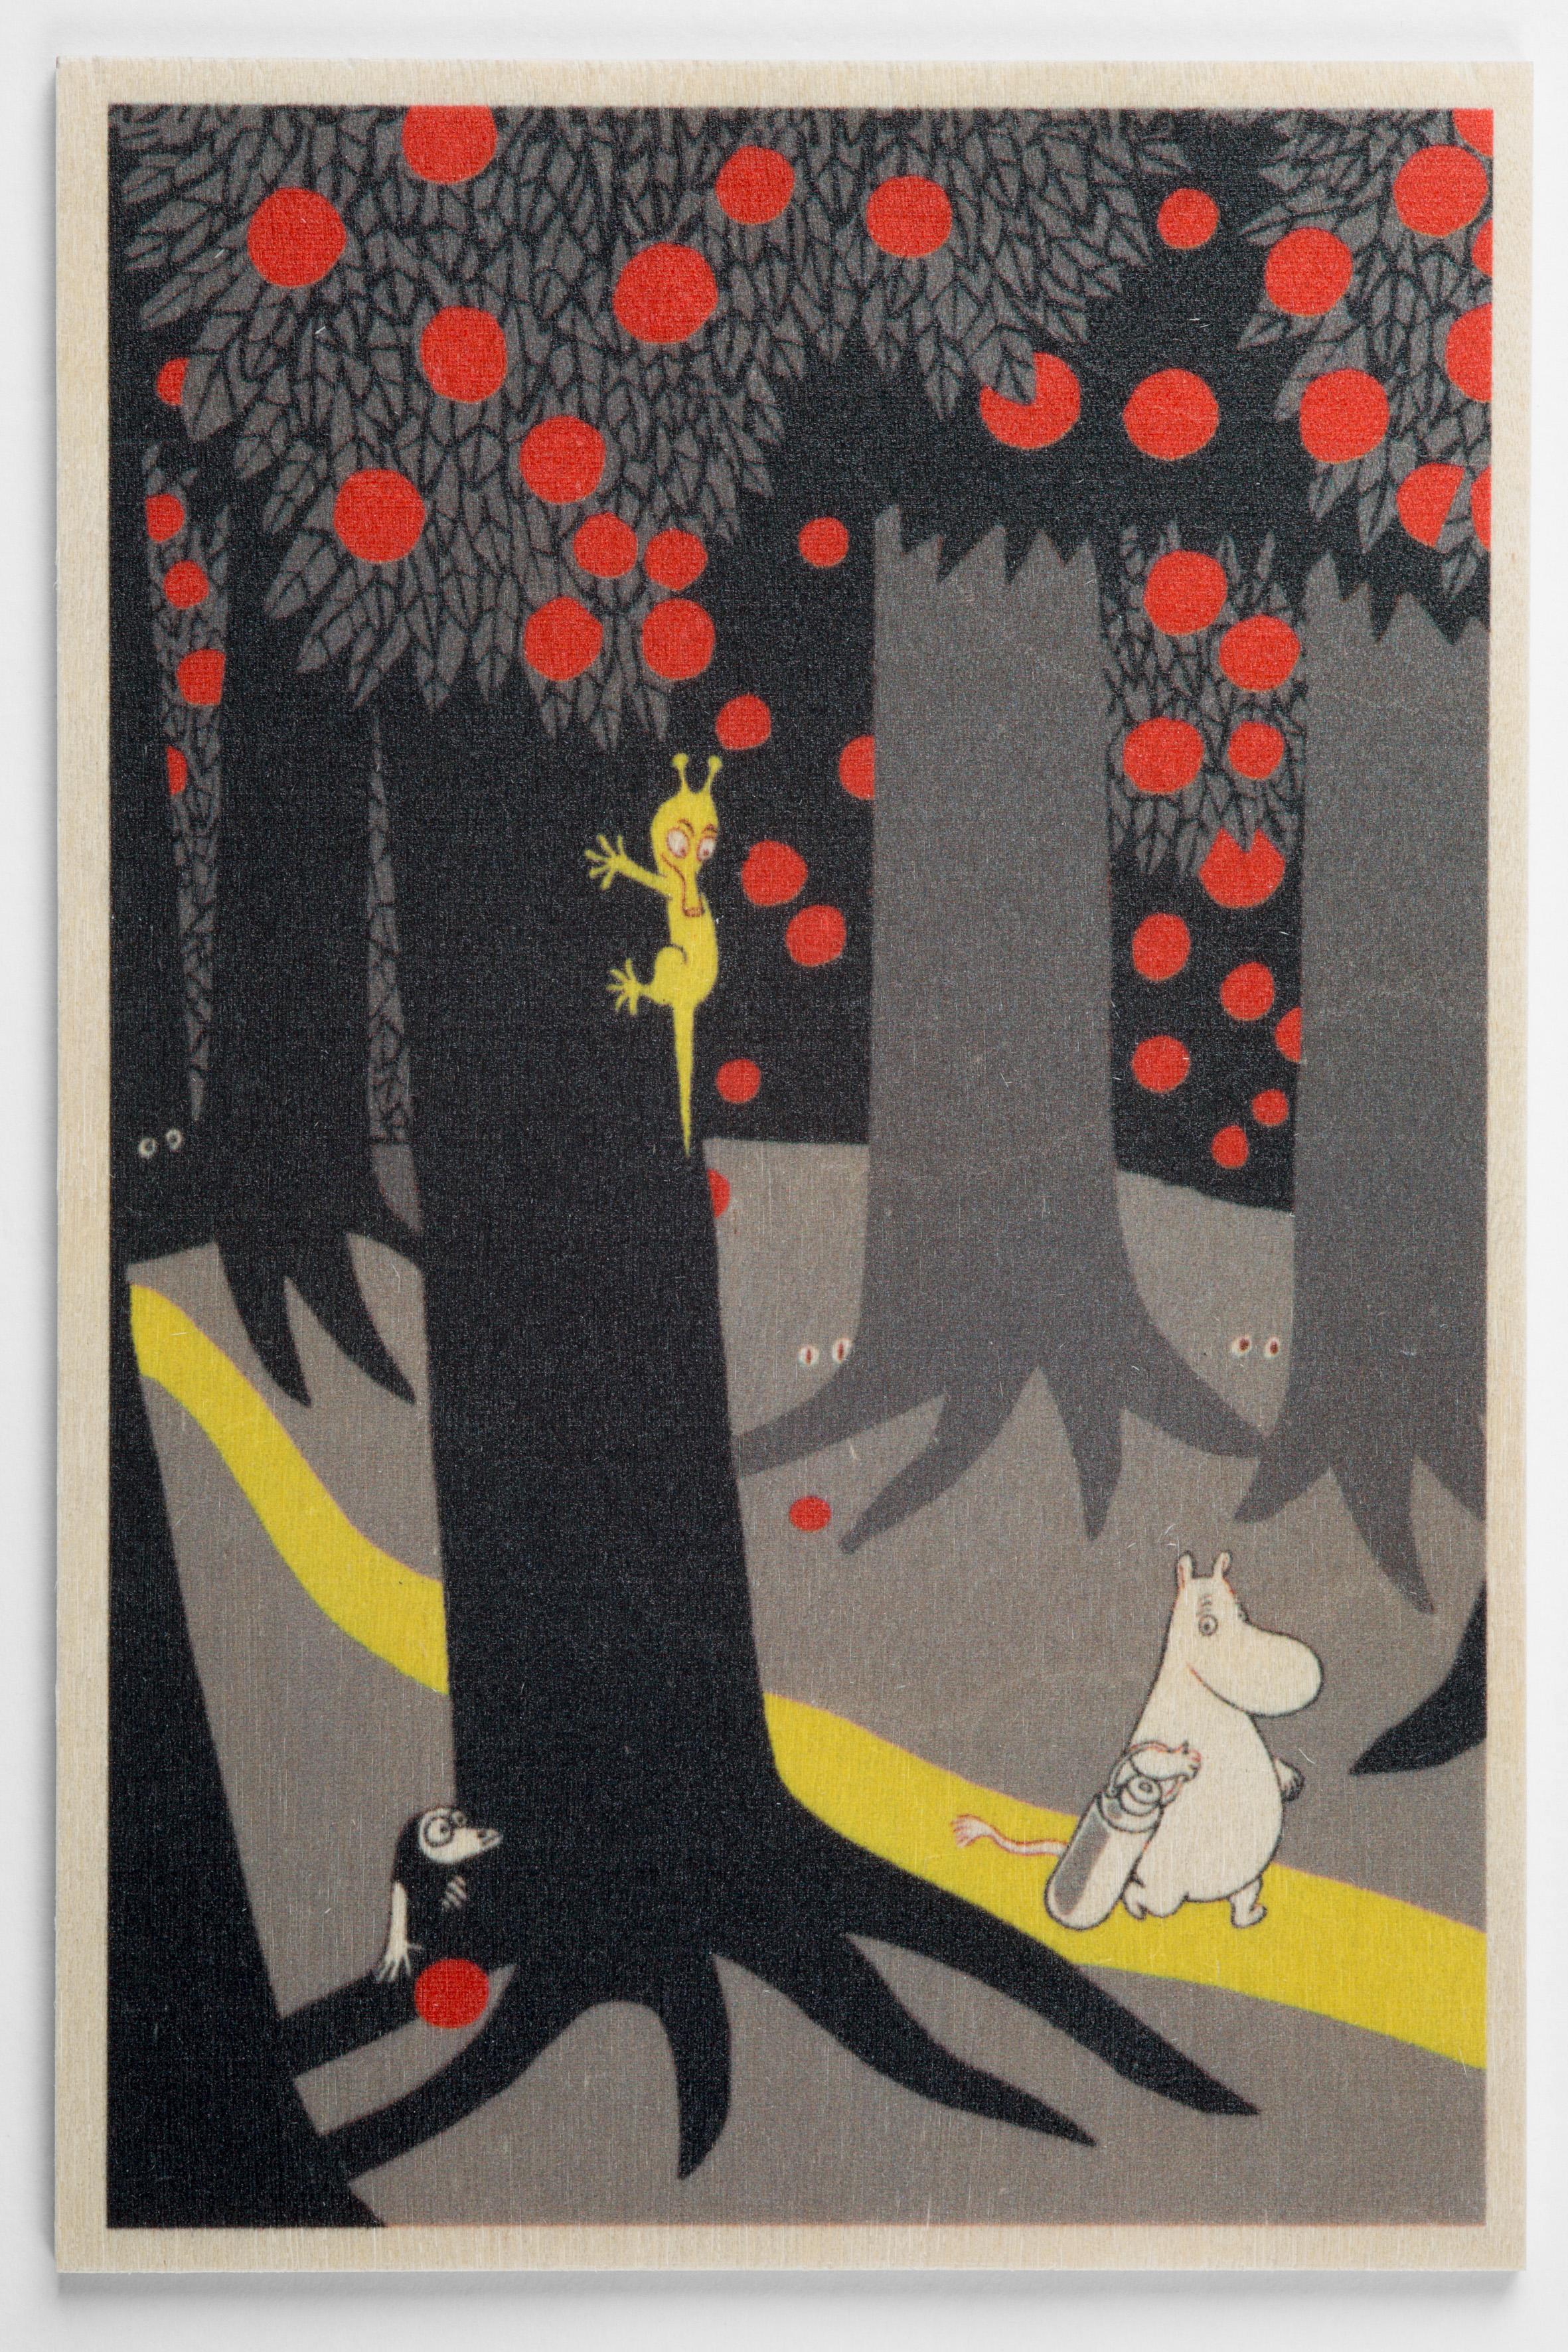 白樺ポストカード 10x15cm ムーミン 「ムーミン森の中」